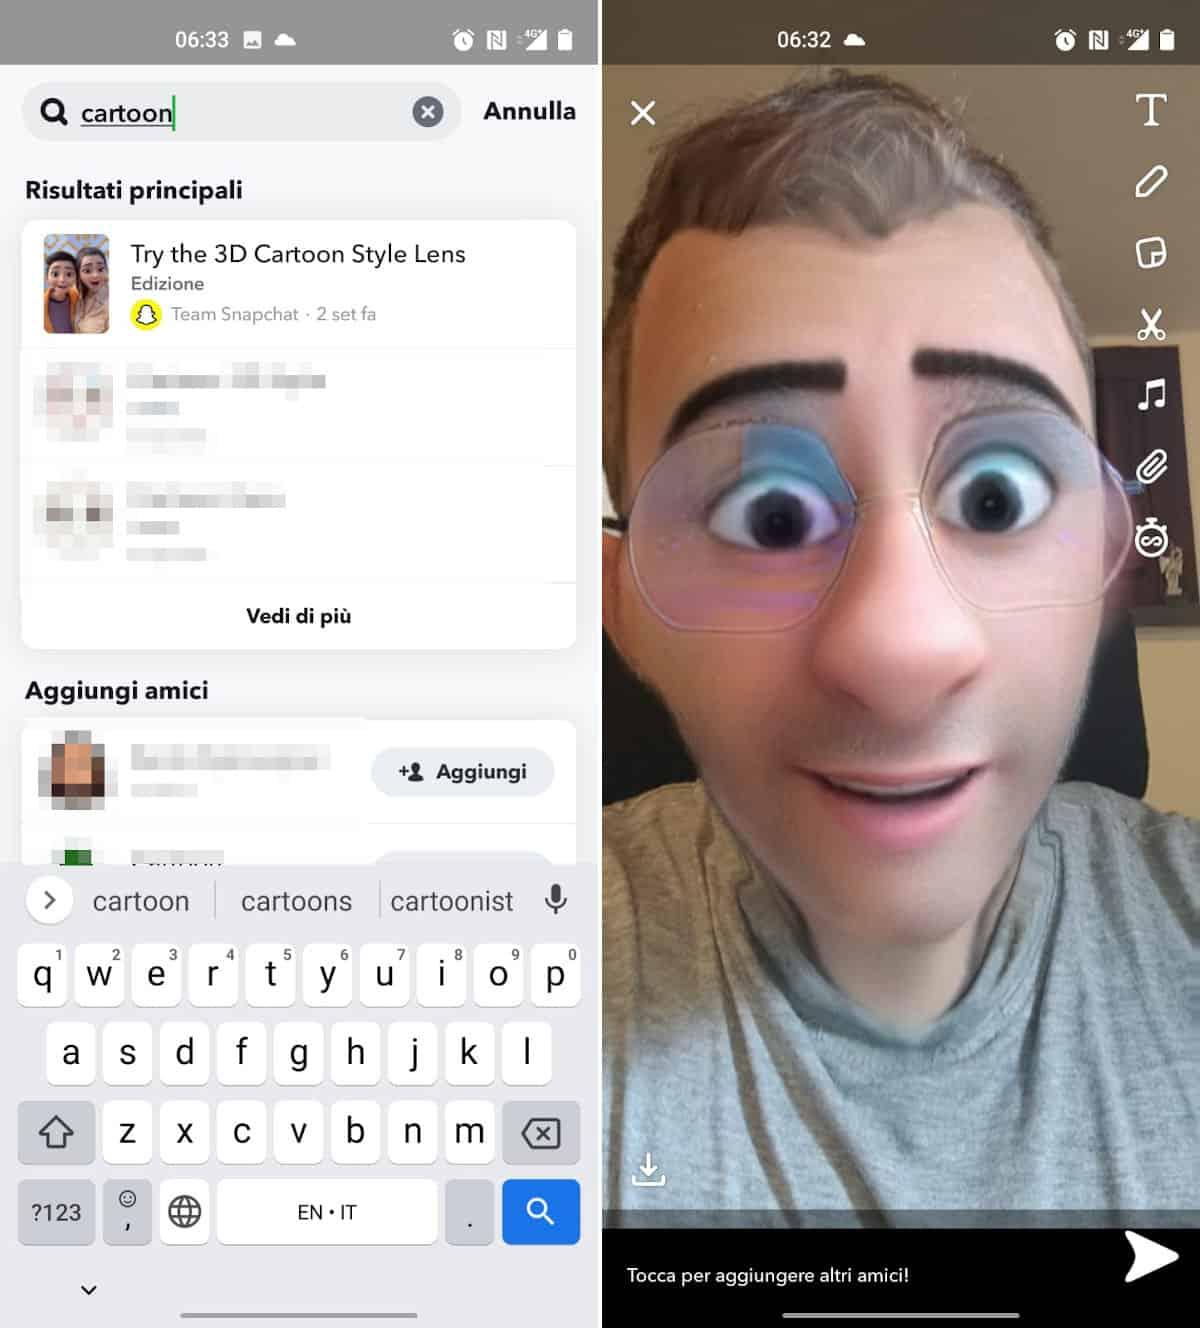 cartoonizzare la faccia Snapchat filtro Cartoon 3D Style